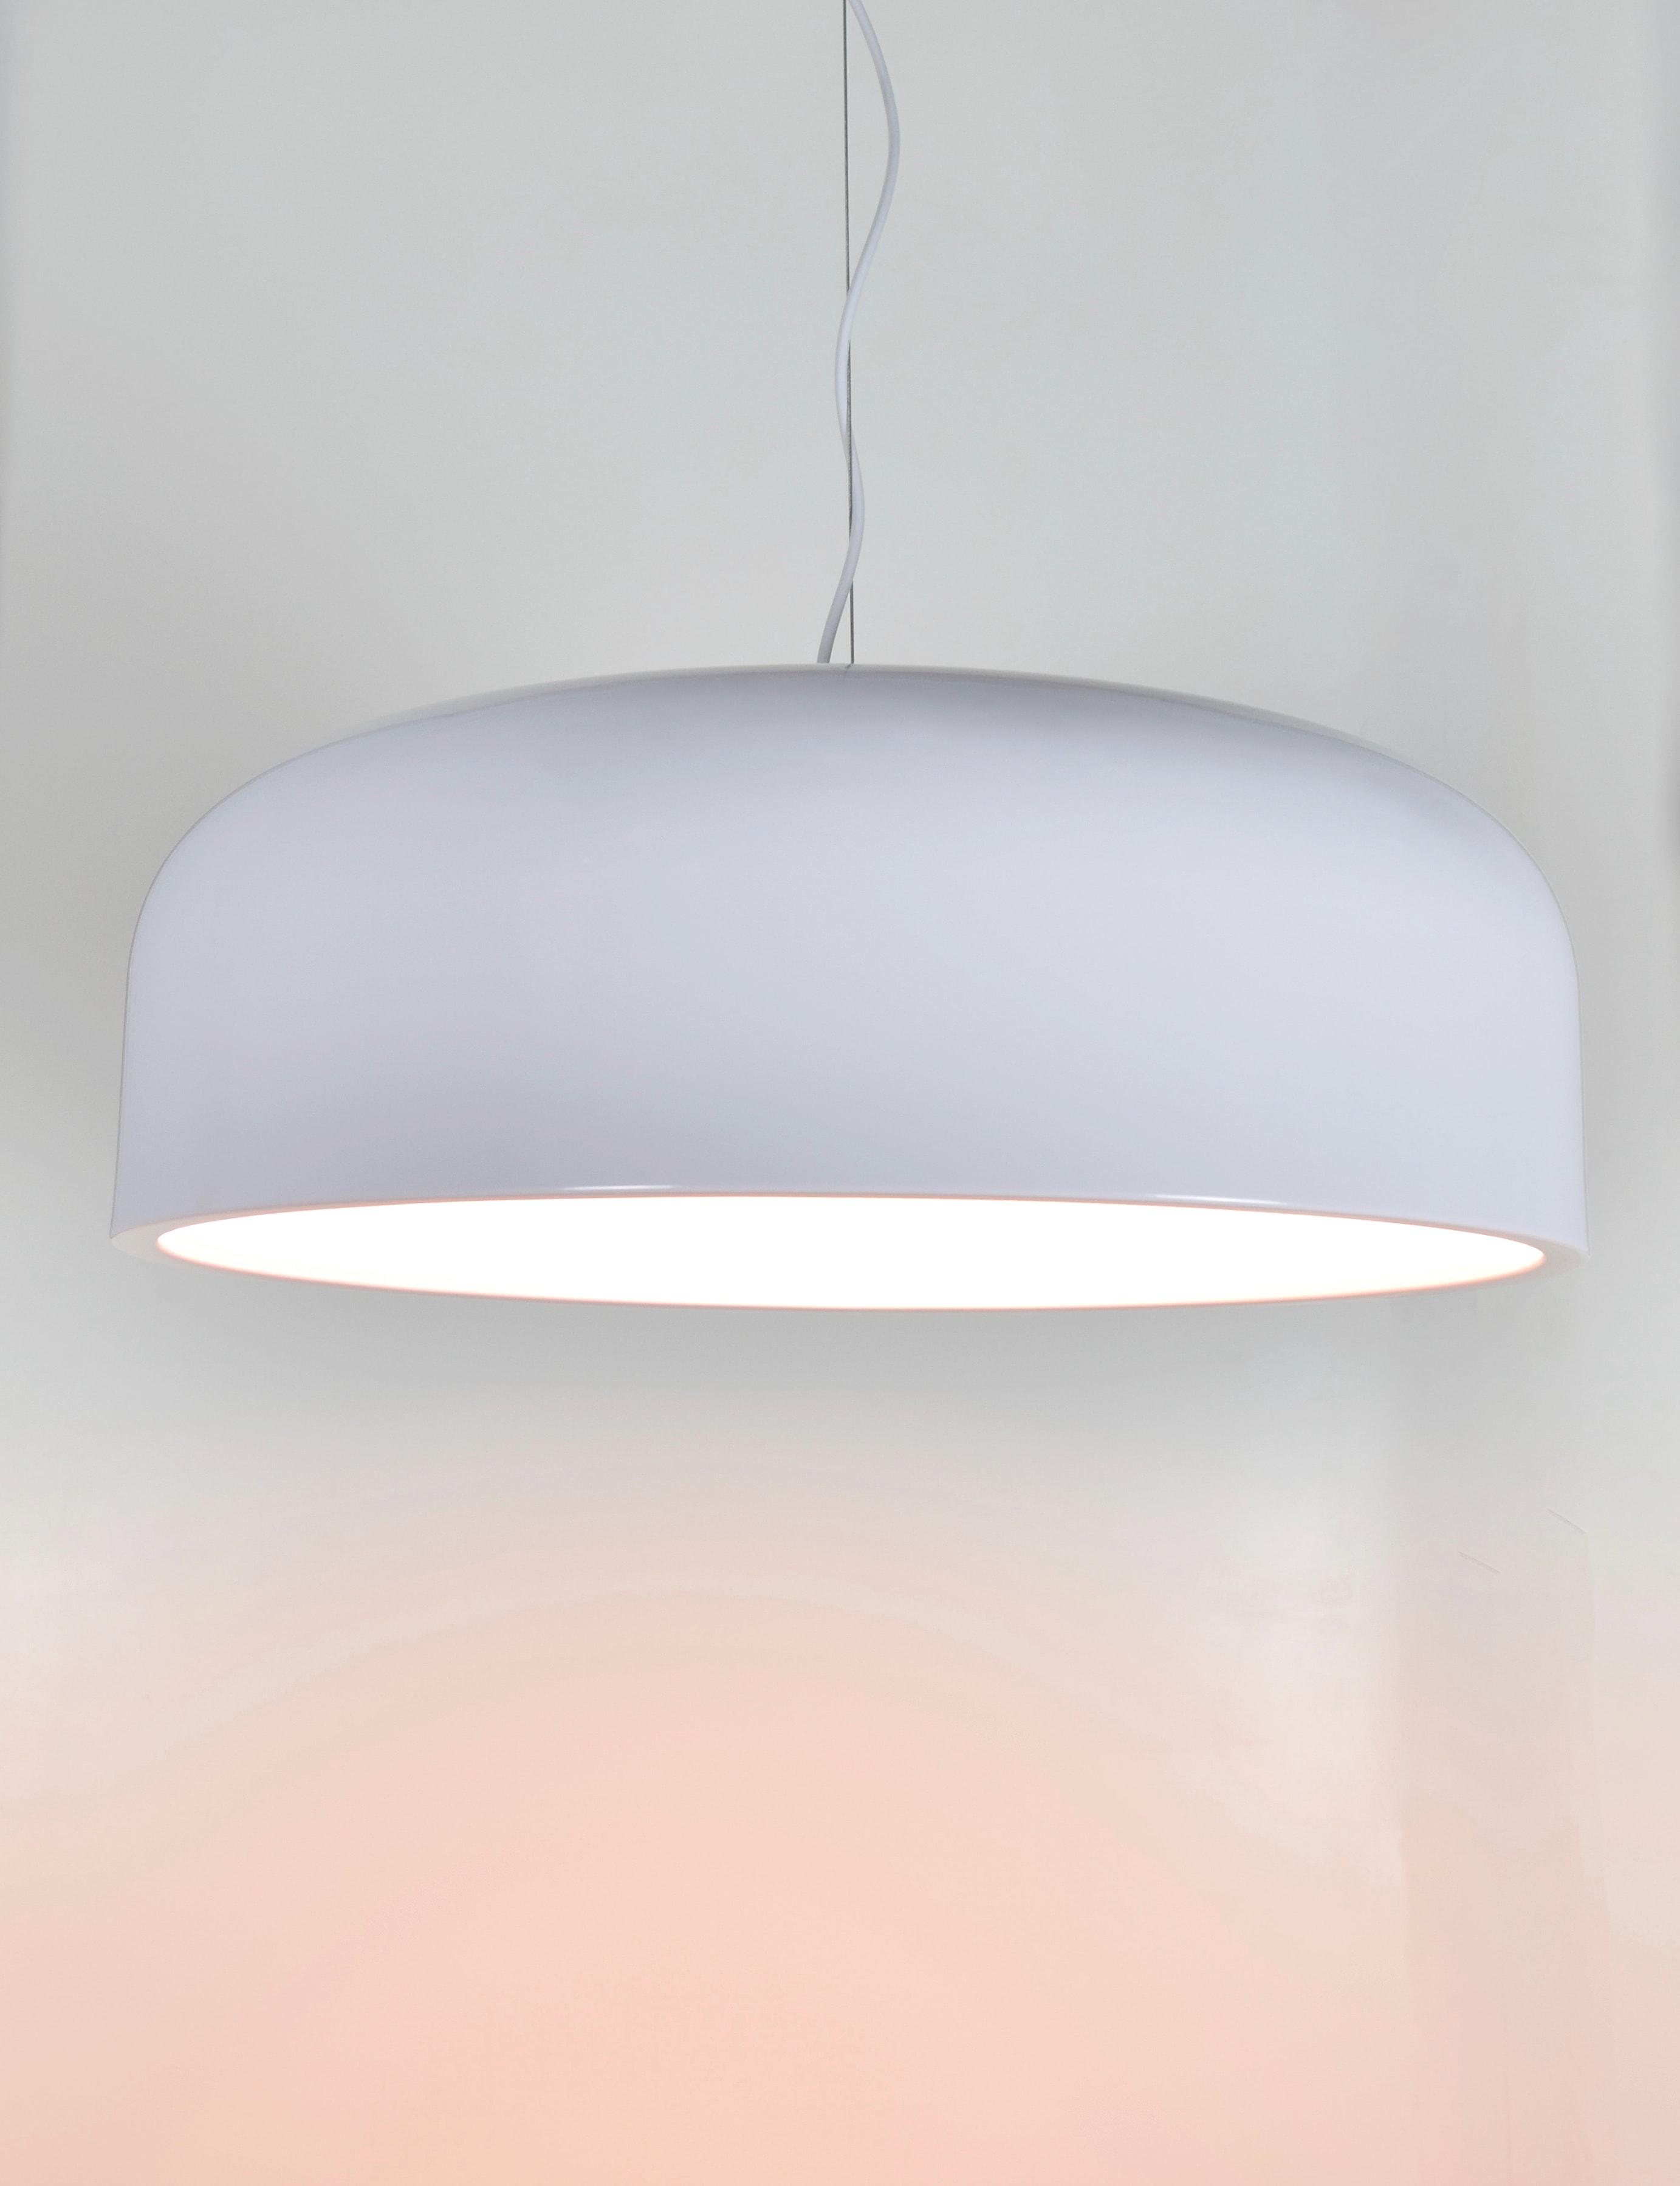 馬卡龍白色吊燈-BNL00128 2